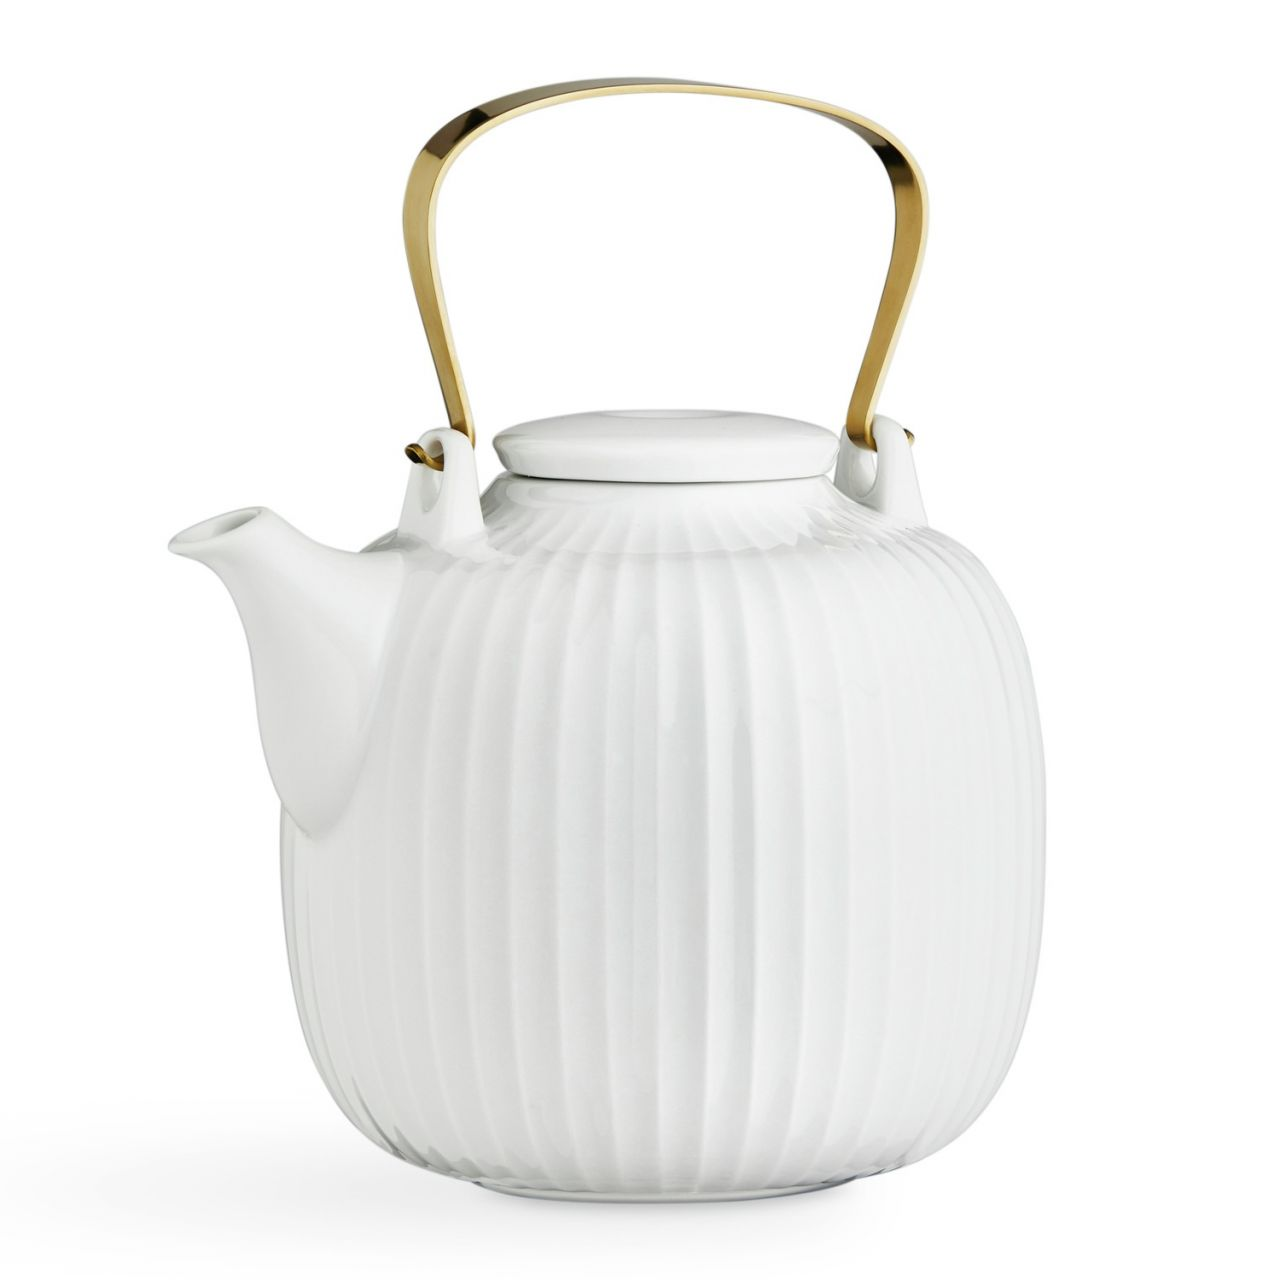 KÄHLER DESIGN Kähler - Hammershoi Teekanne 1,2 l 17007